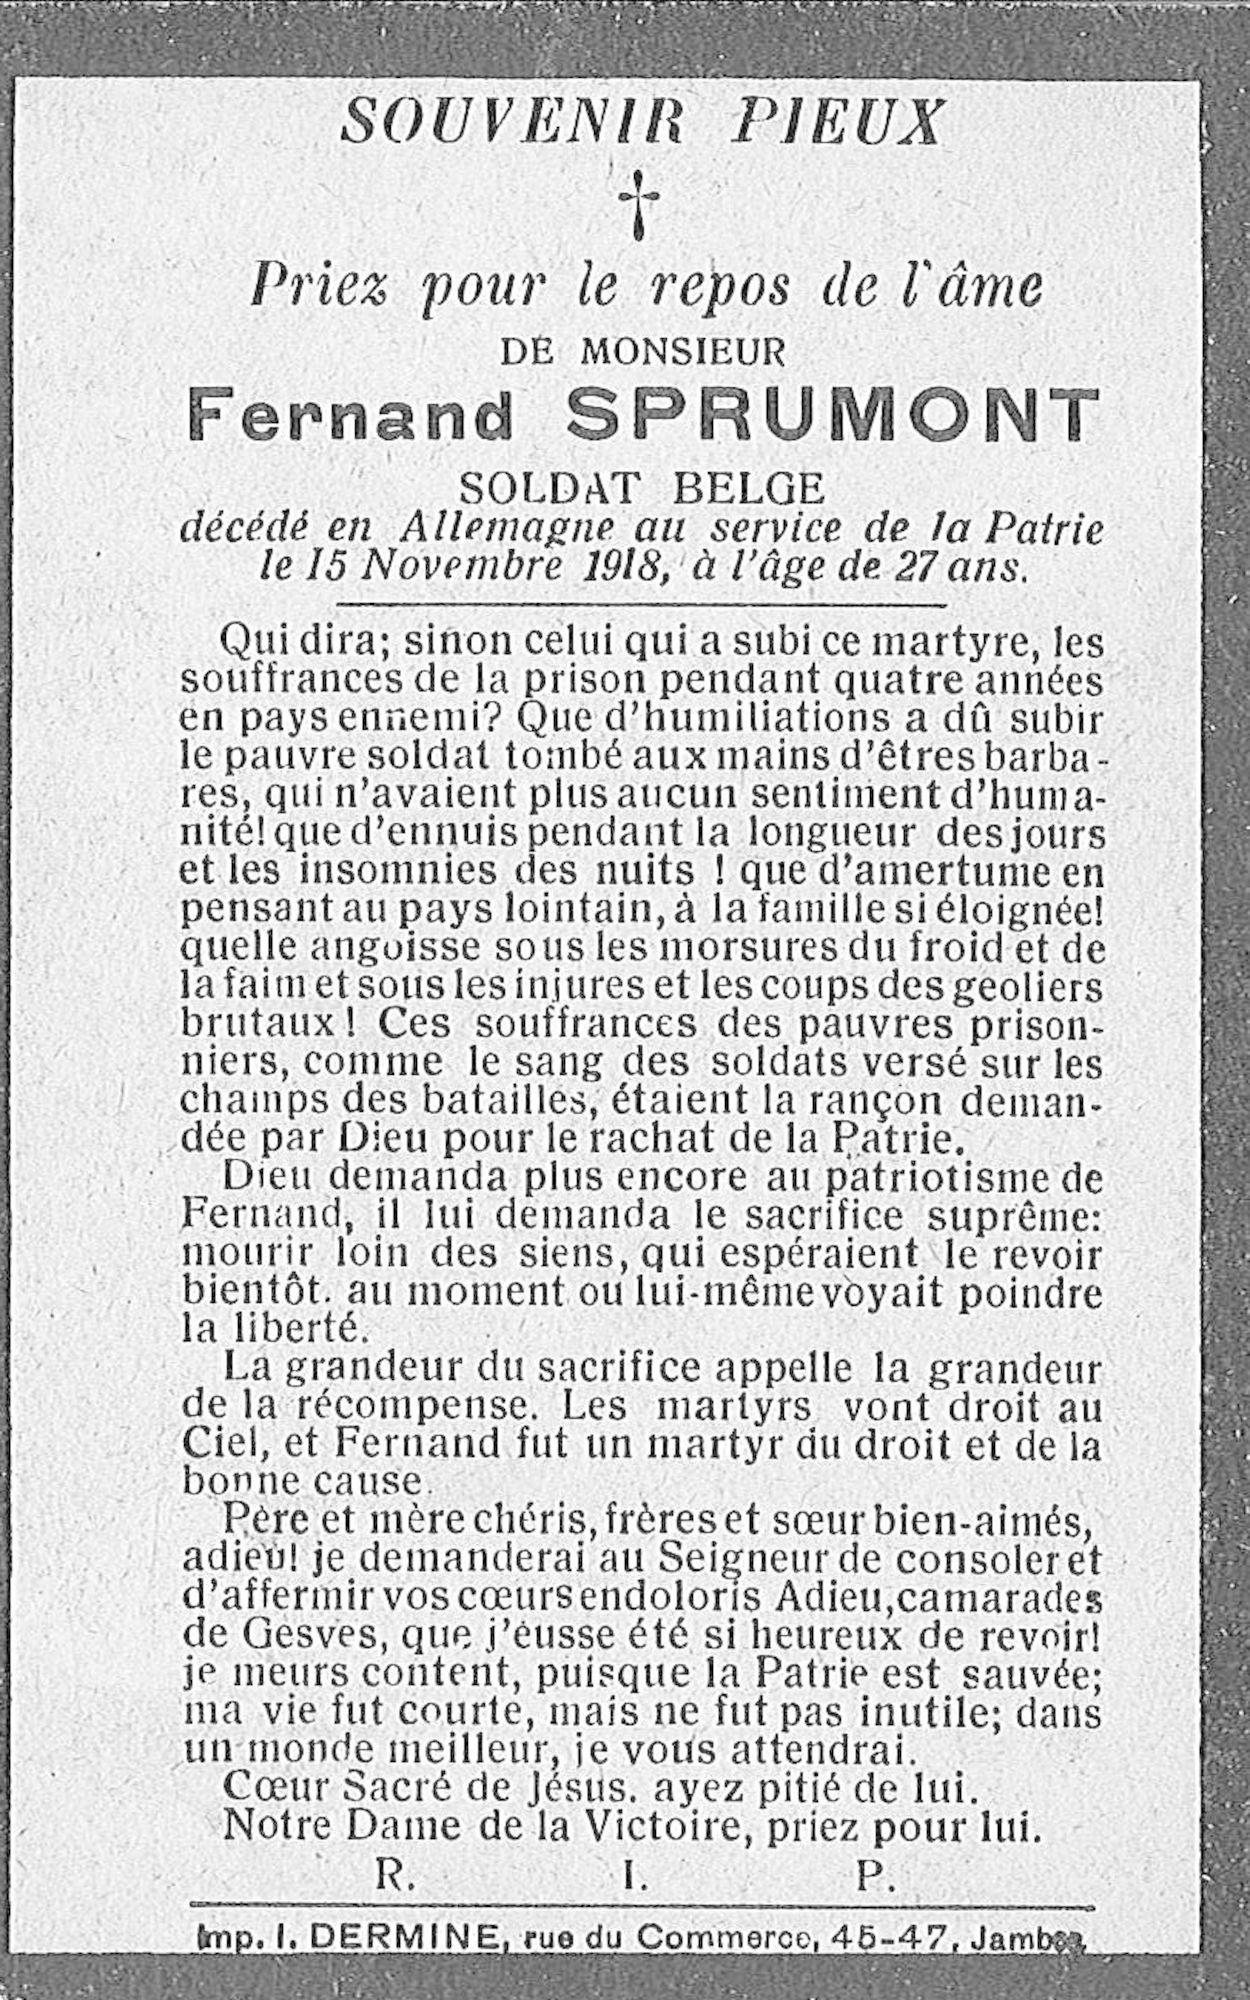 Fernand Sprumont